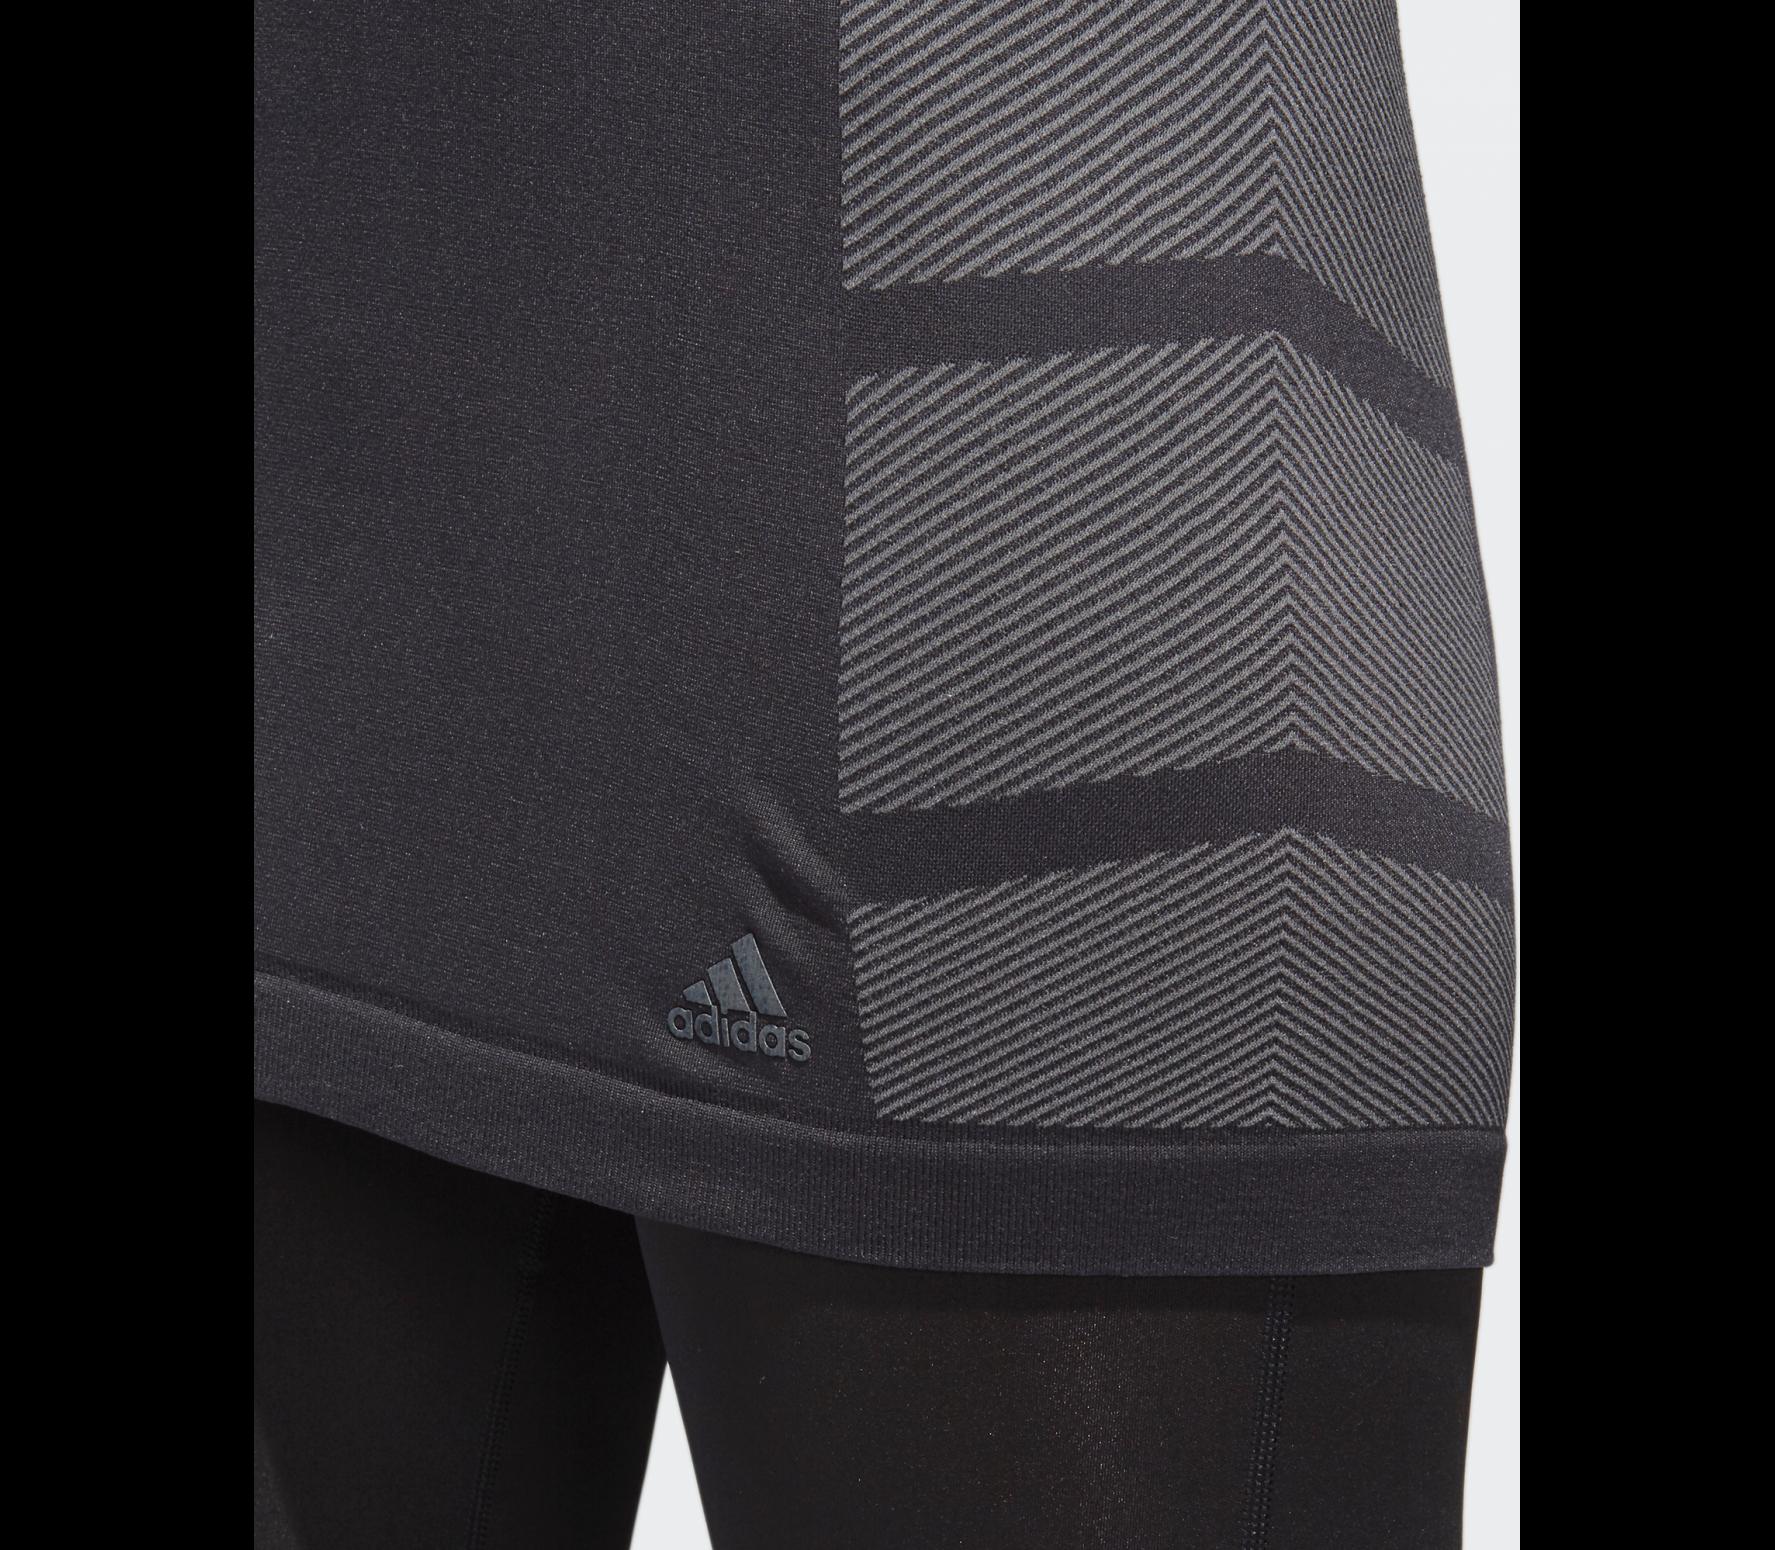 adidas Performance - Cru Femmes chemise de course (noir)